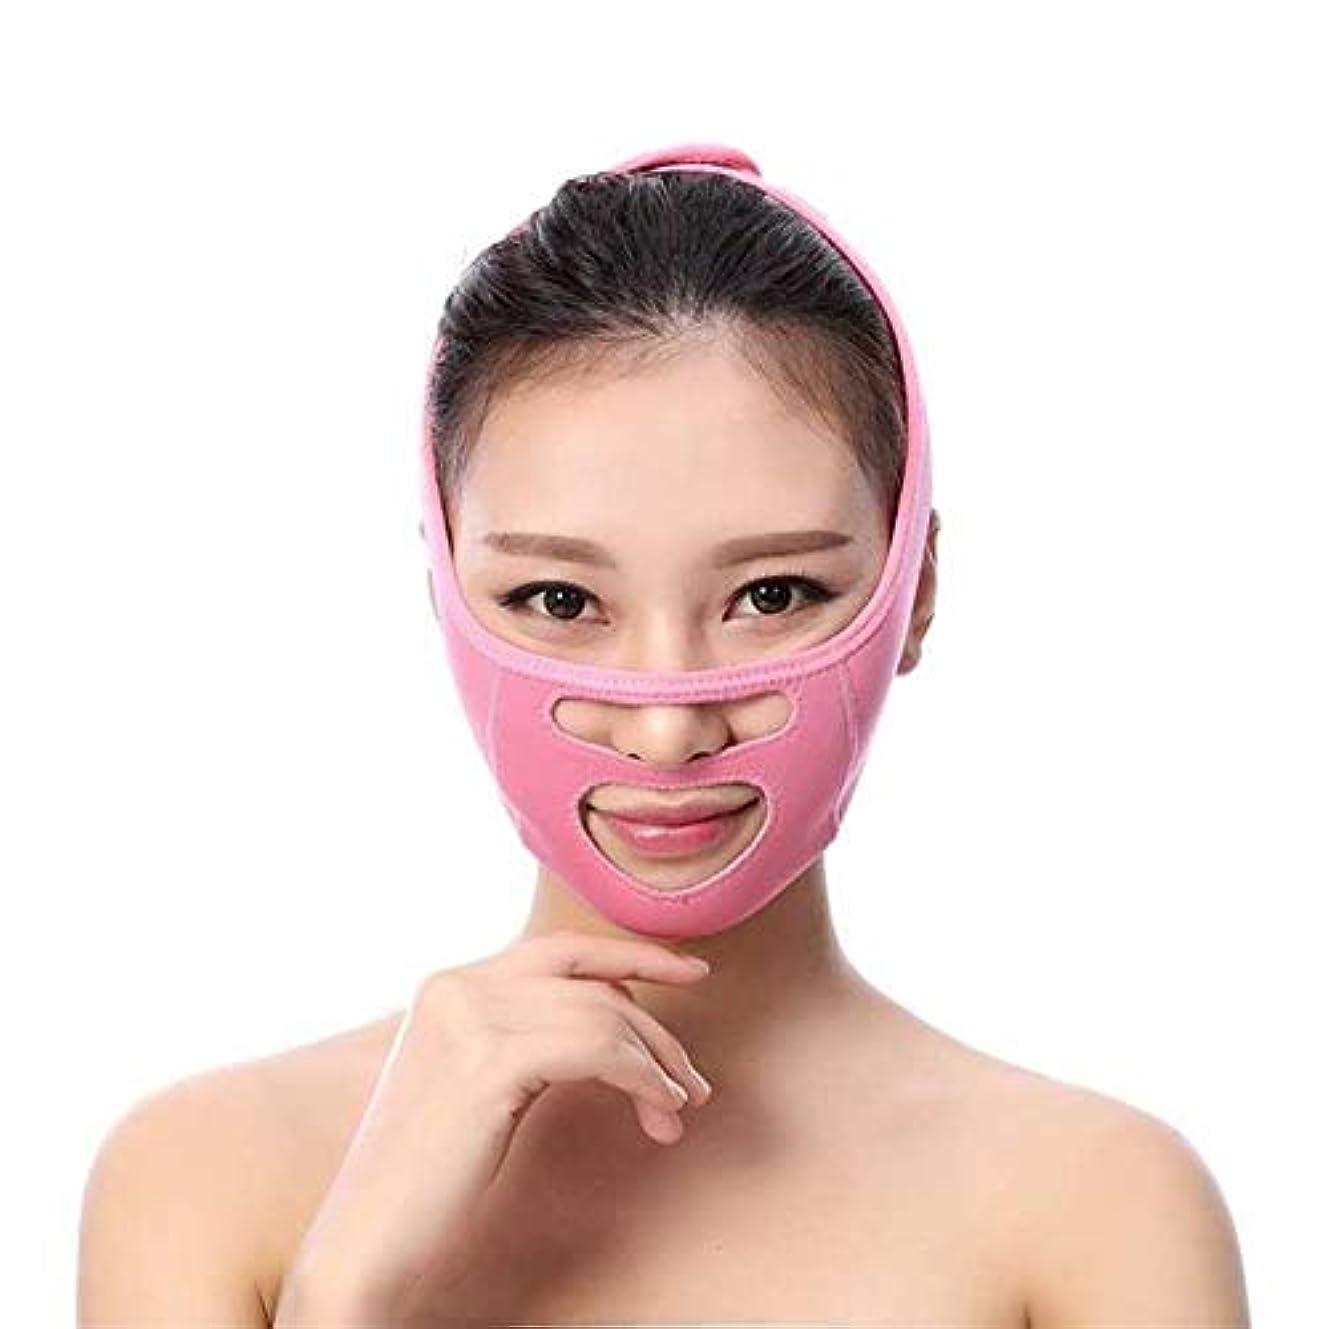 次へ知る支配的薄い顔バンド、スリープ包帯、薄い顔、フェイスリフト、ファーミング、Vフェイス、ダブルチンリデューサーは、顔の筋肉のたるみを改善します (Color : A)